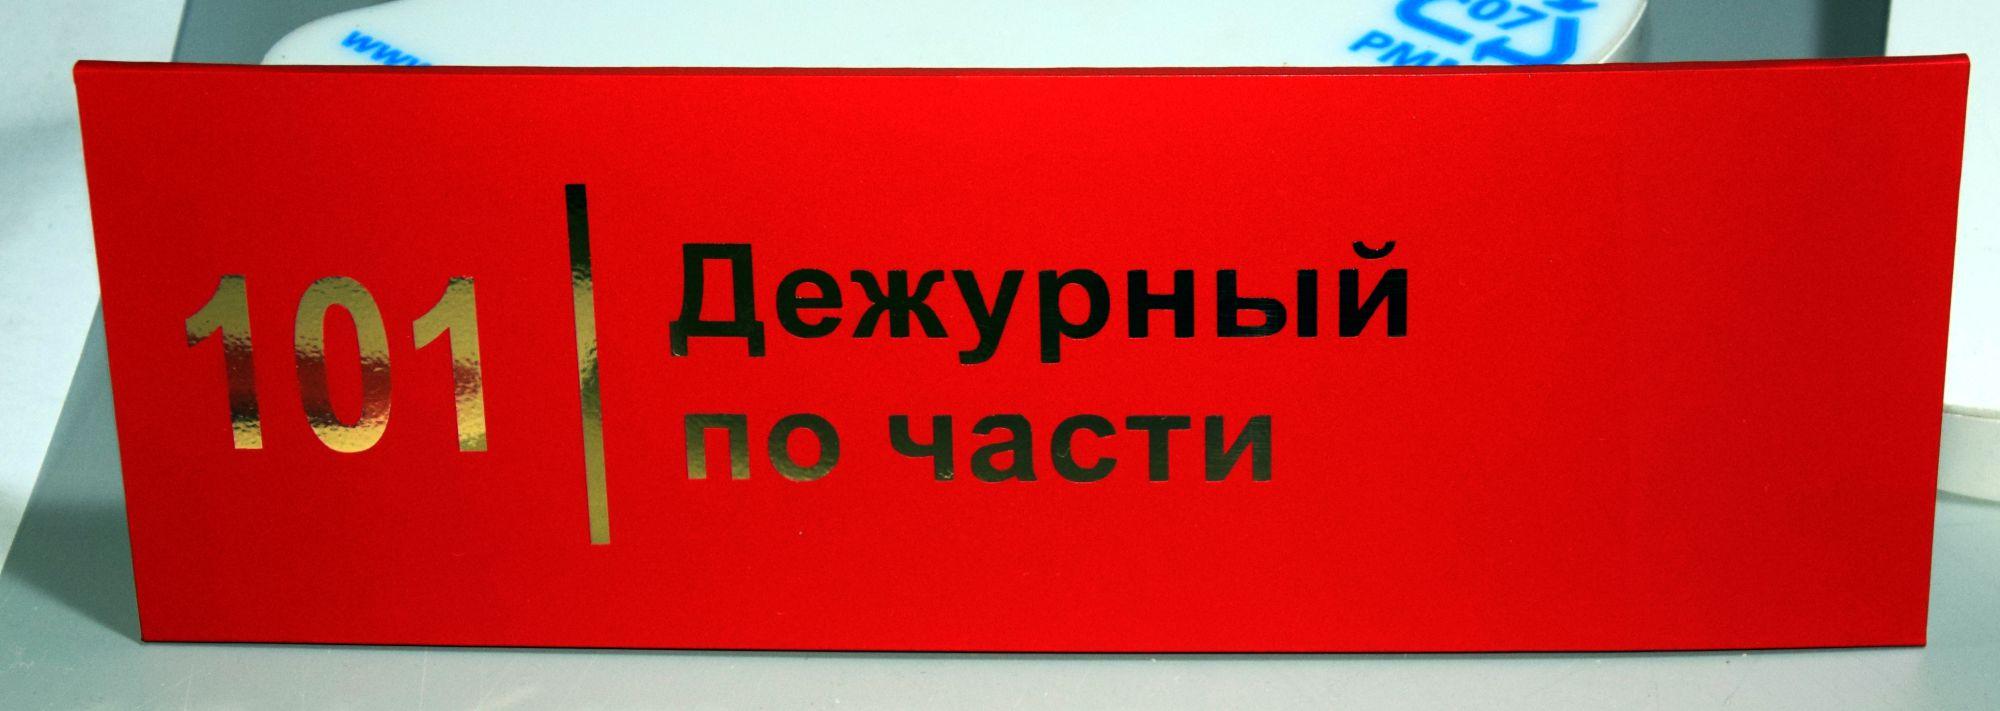 Изготовлены таблички на двери кабинетов для воинских частей.